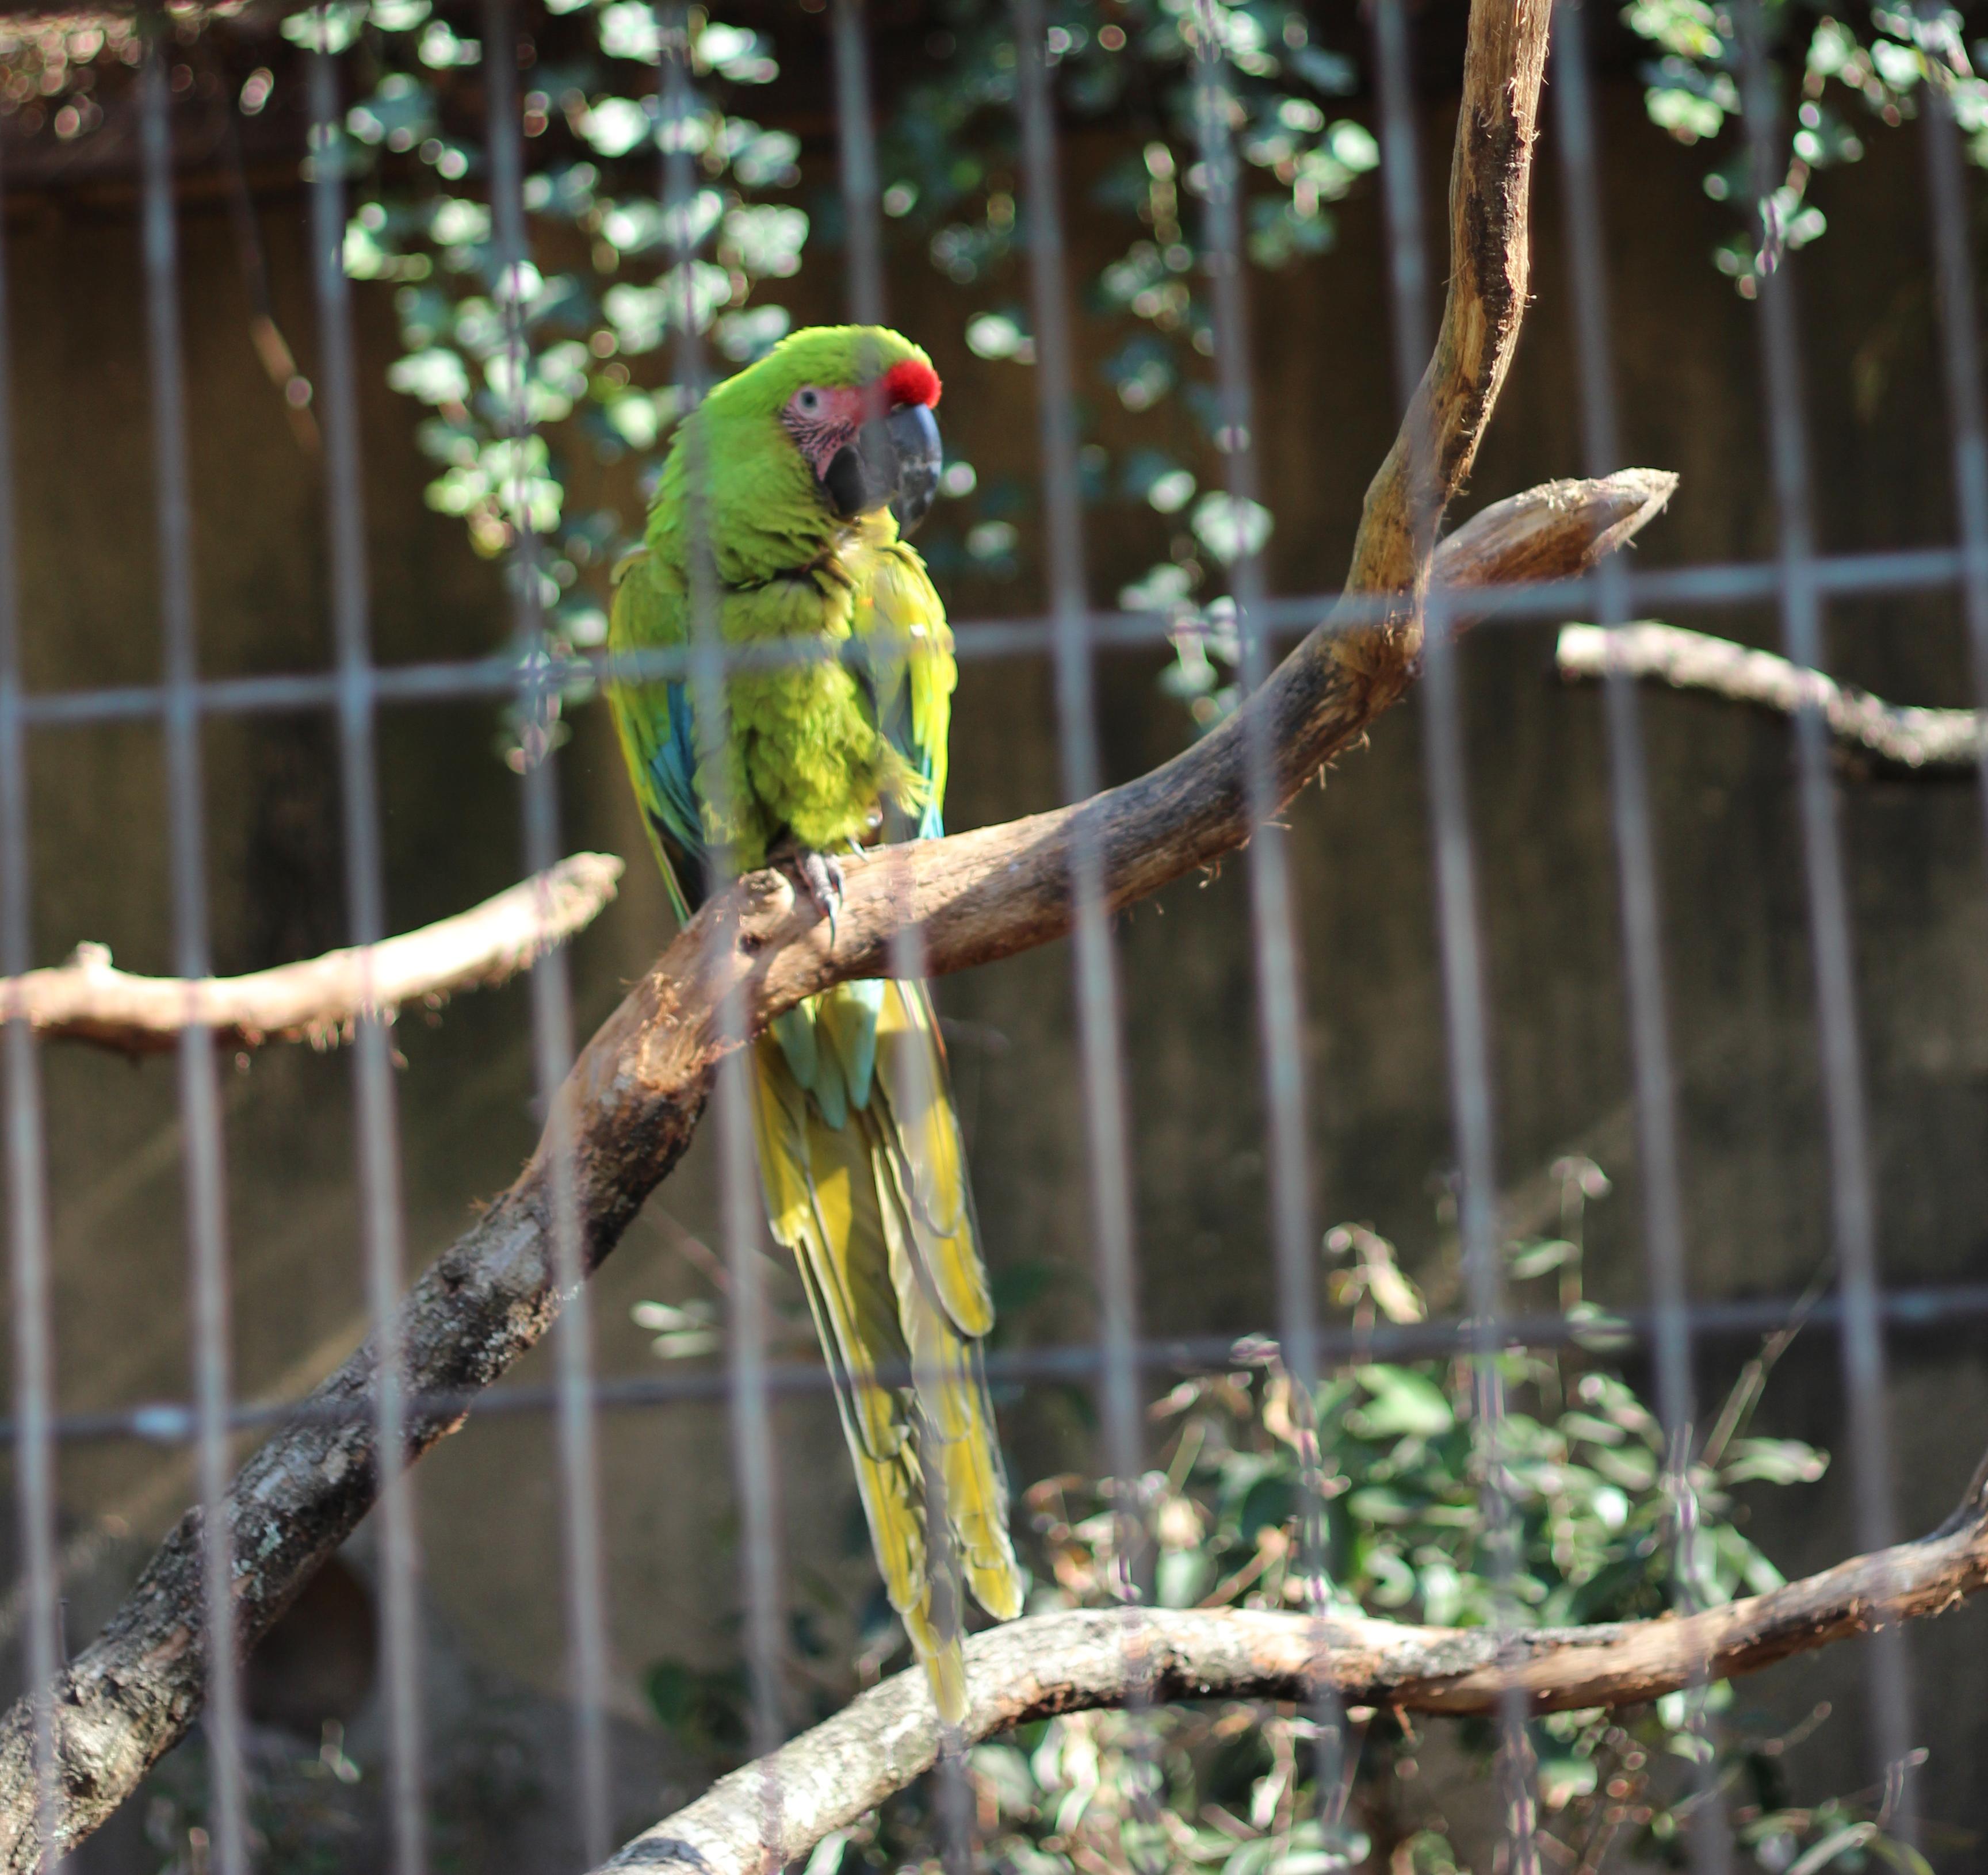 Menageries jardin des plantes blog in the air - Zoo de paris jardin des plantes ...